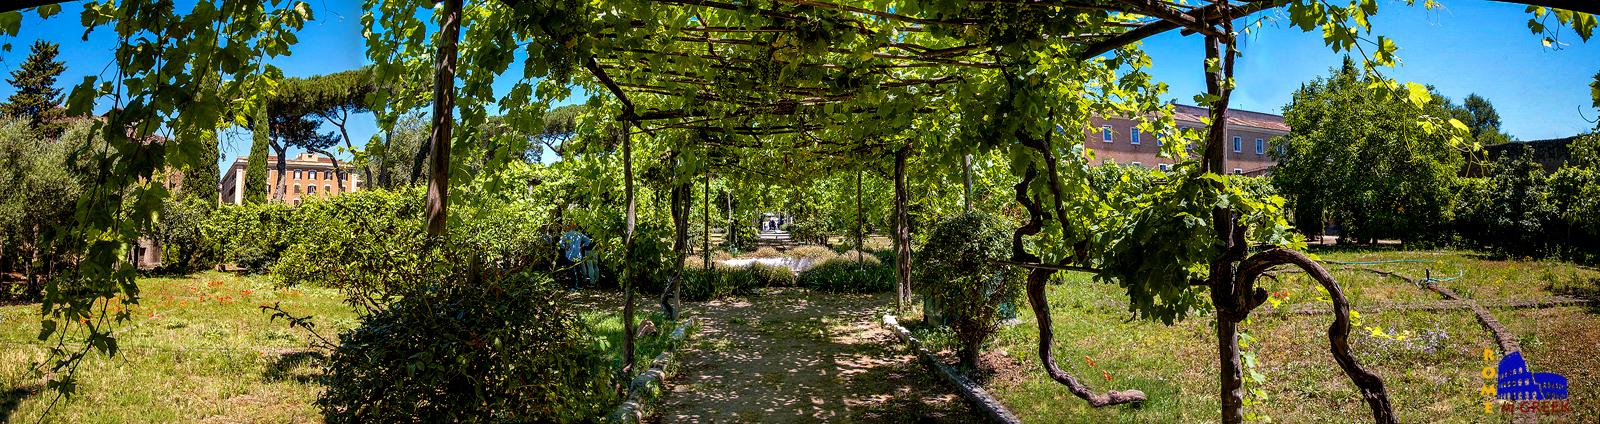 Ο μοναστηριακός κήπος σήμερα.